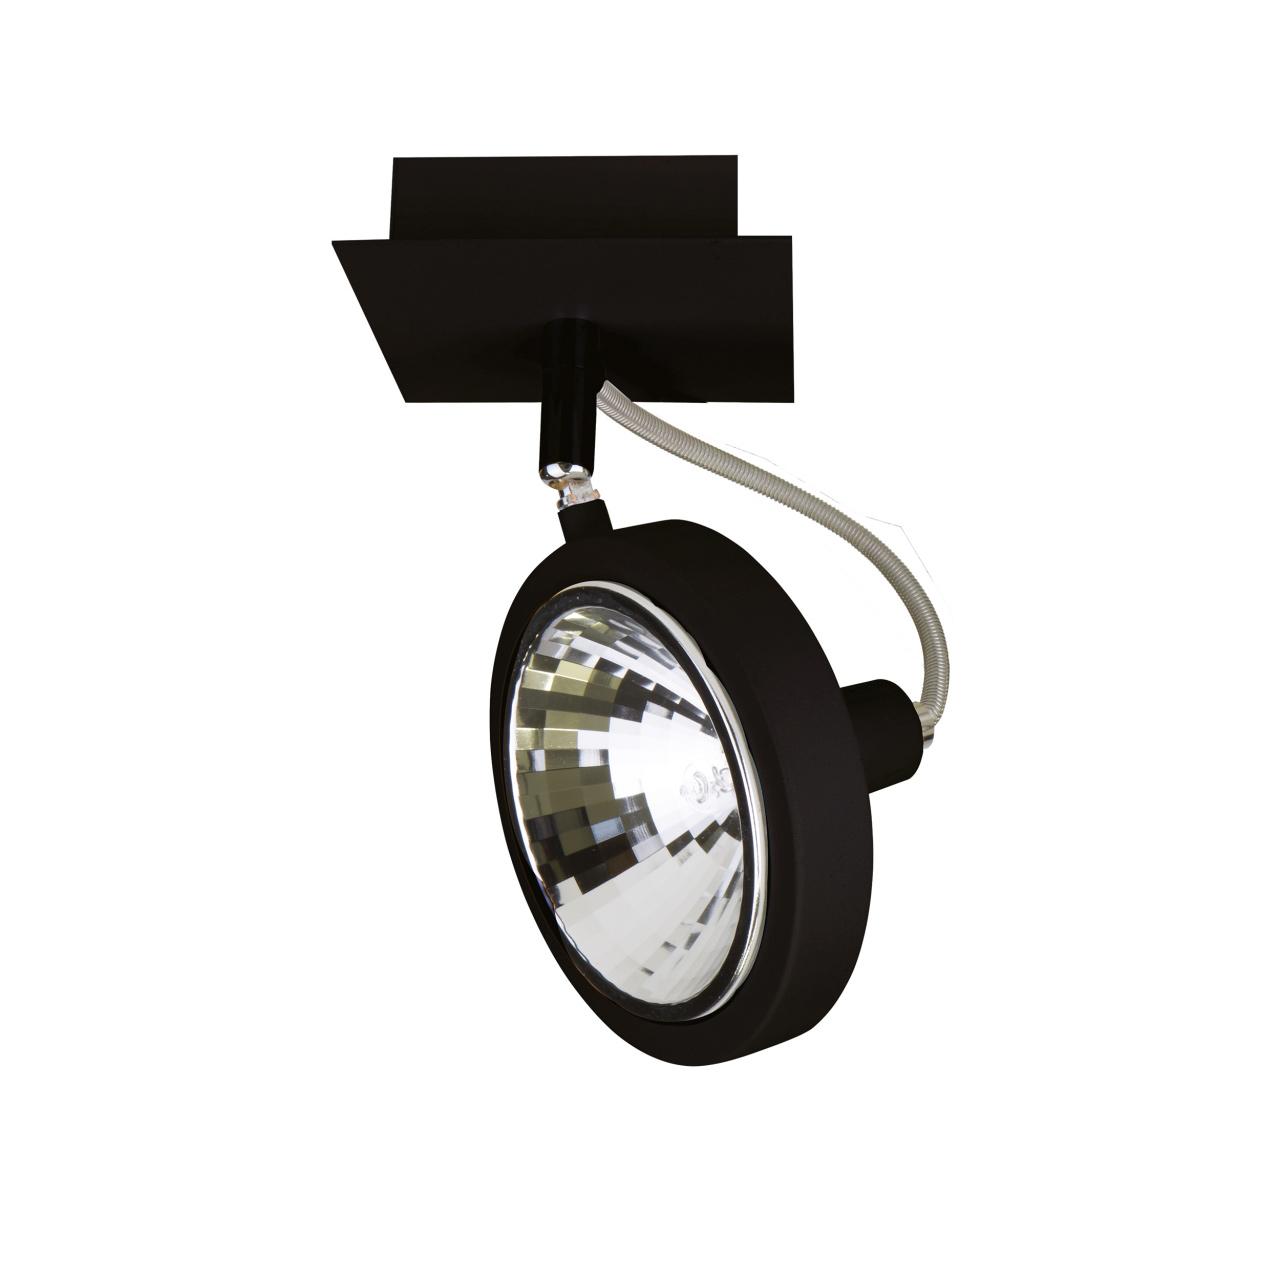 Светильник Varieta 9 G9 черный Lightstar 210317